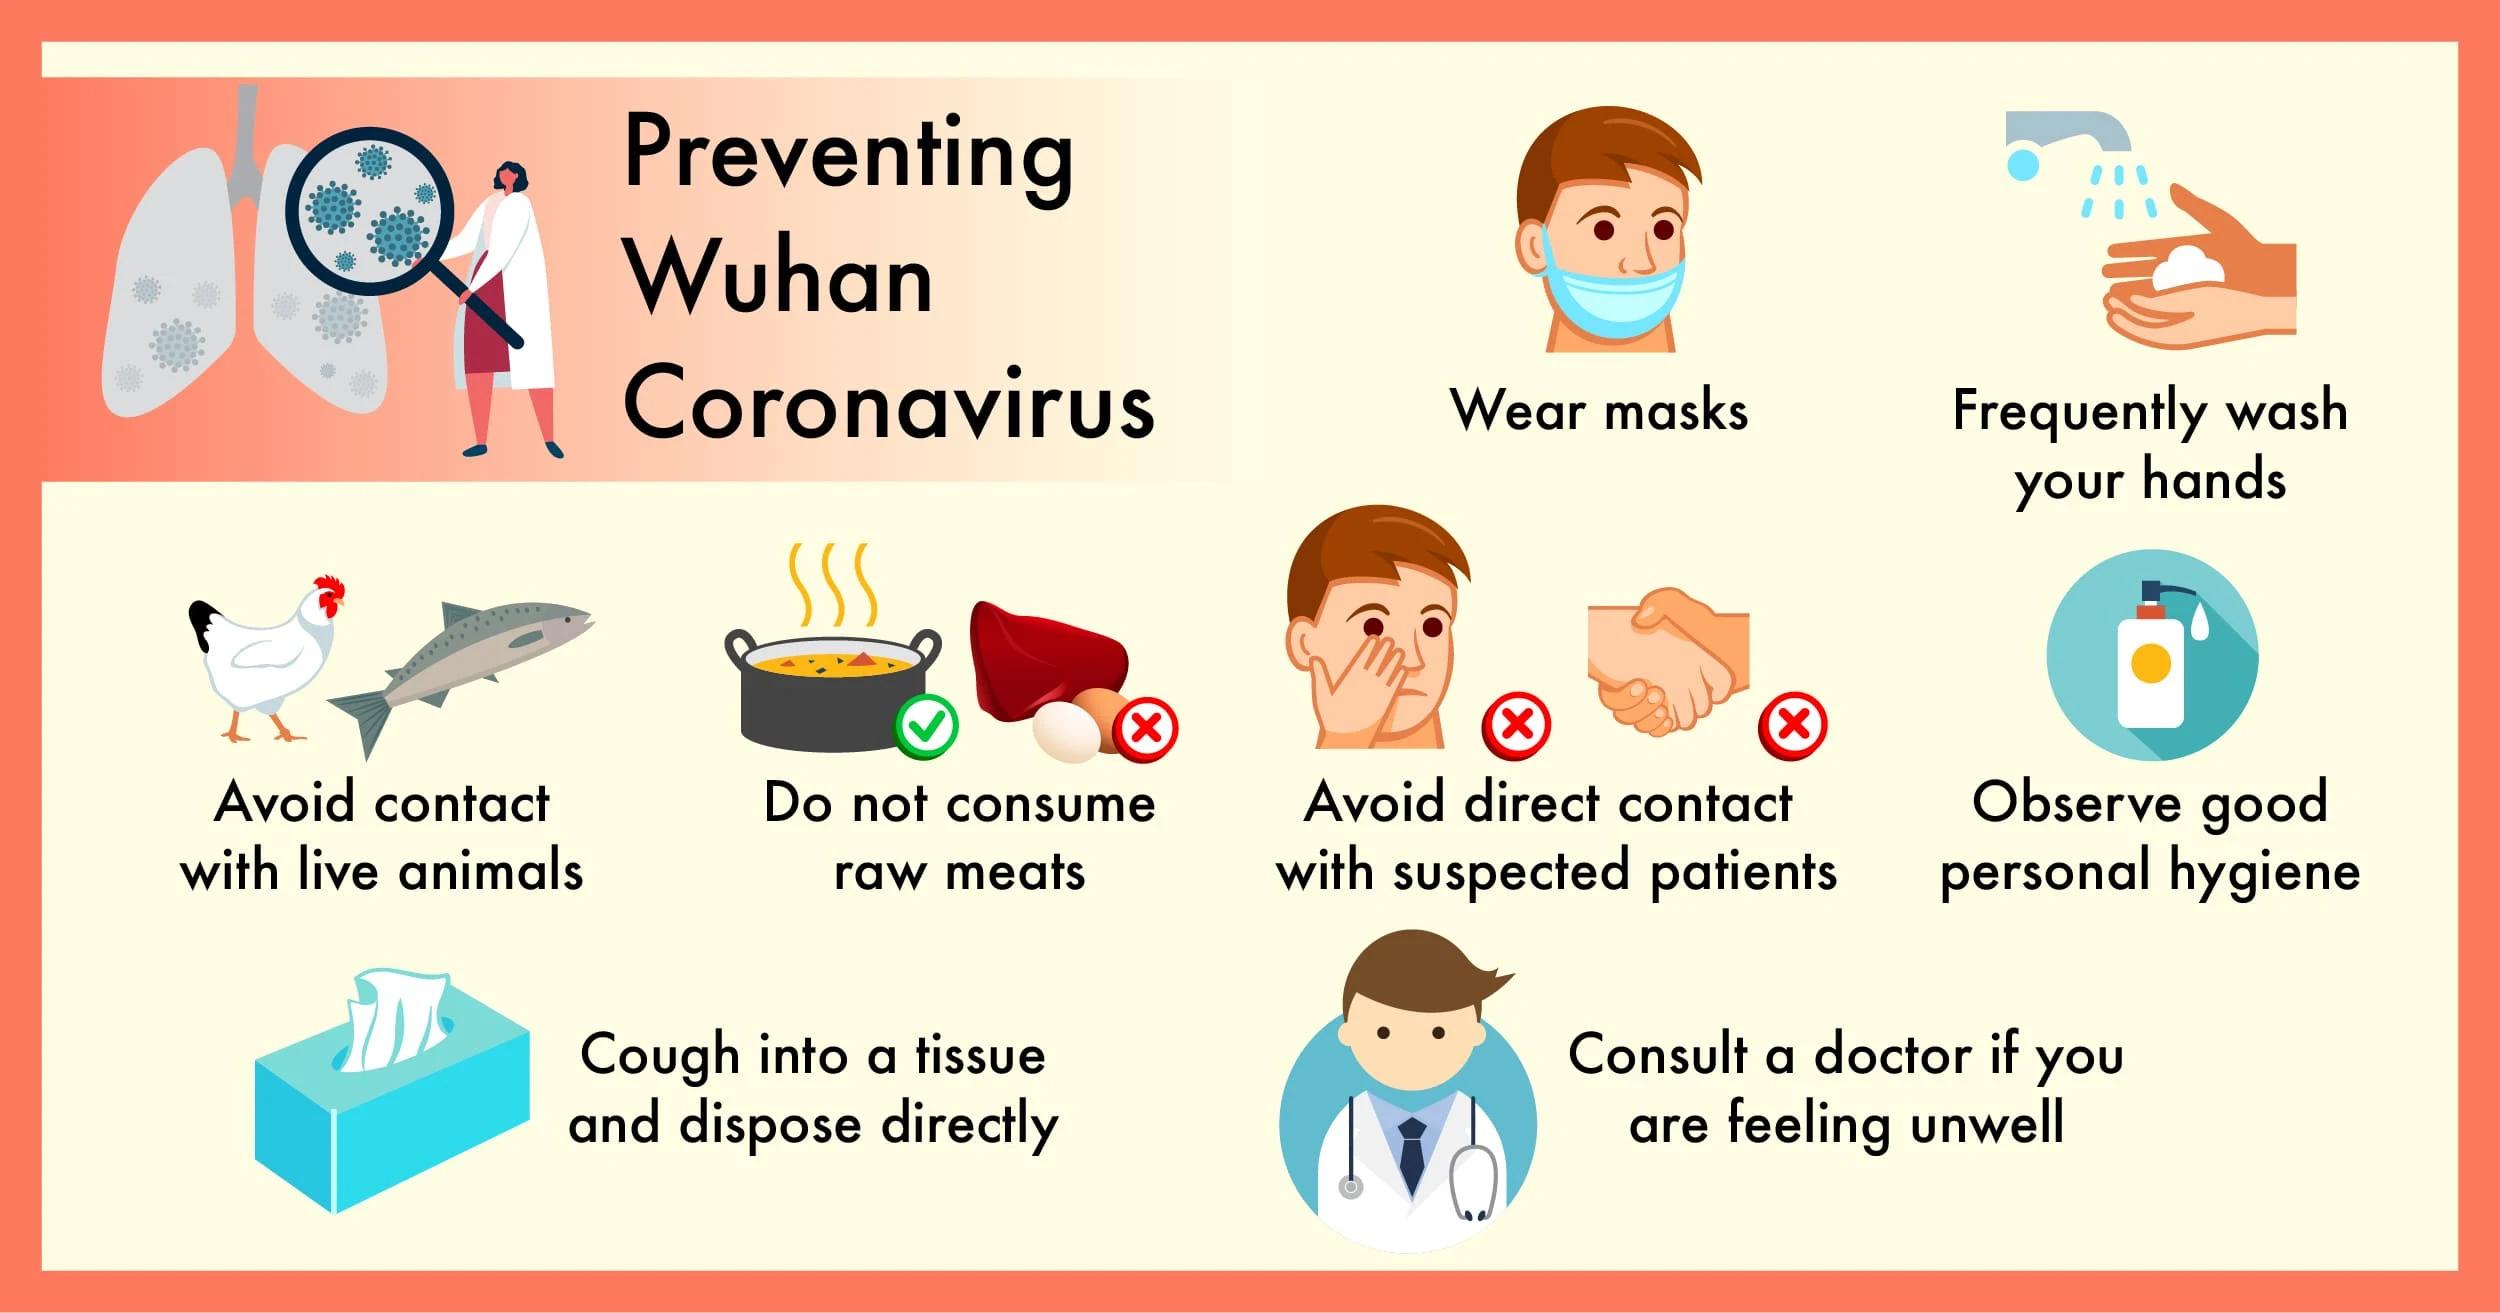 Prevention From Wuhan Coronavirus